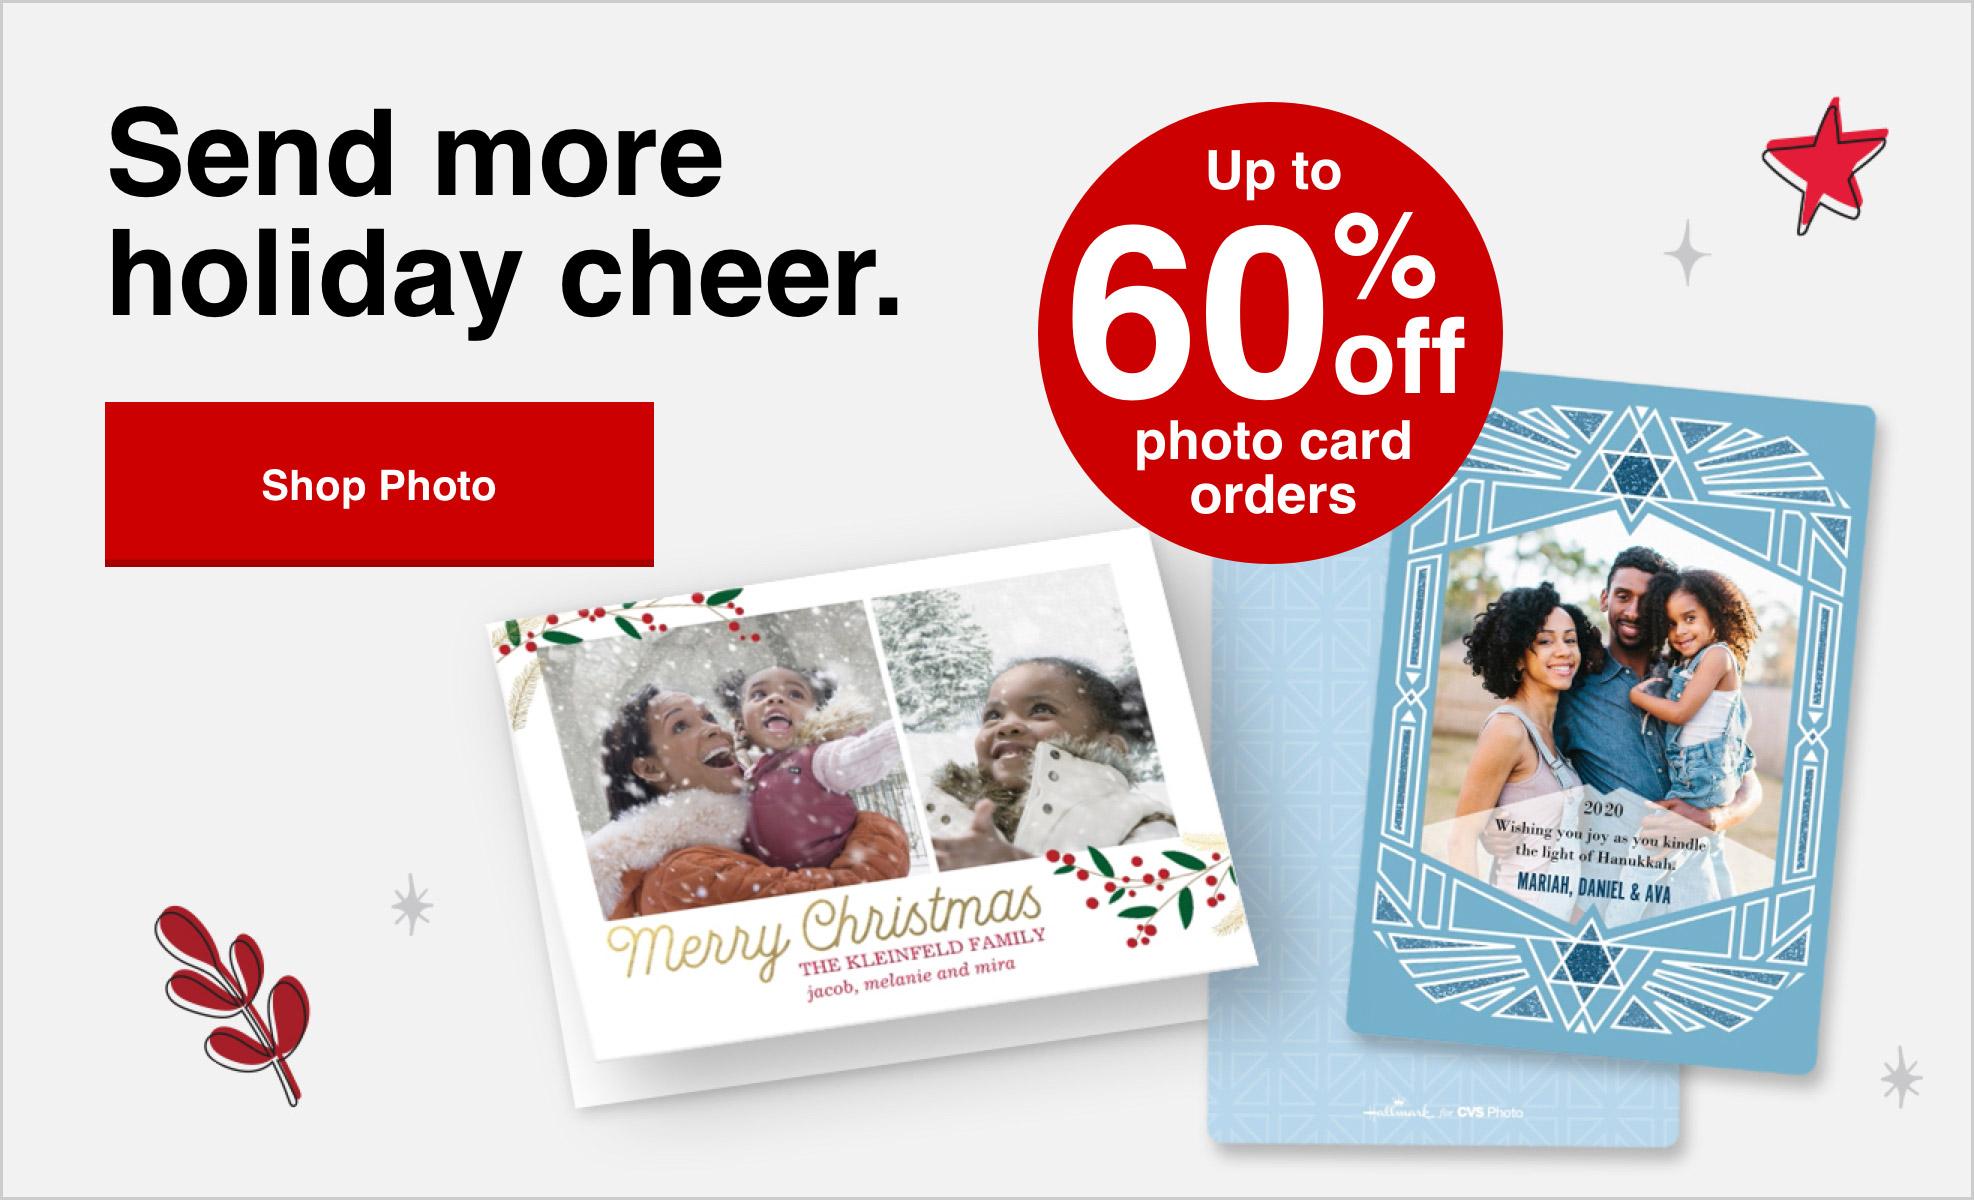 Cvs Christmas Cards 2020 CVS Photo   Print Photos, Make Cards & More!